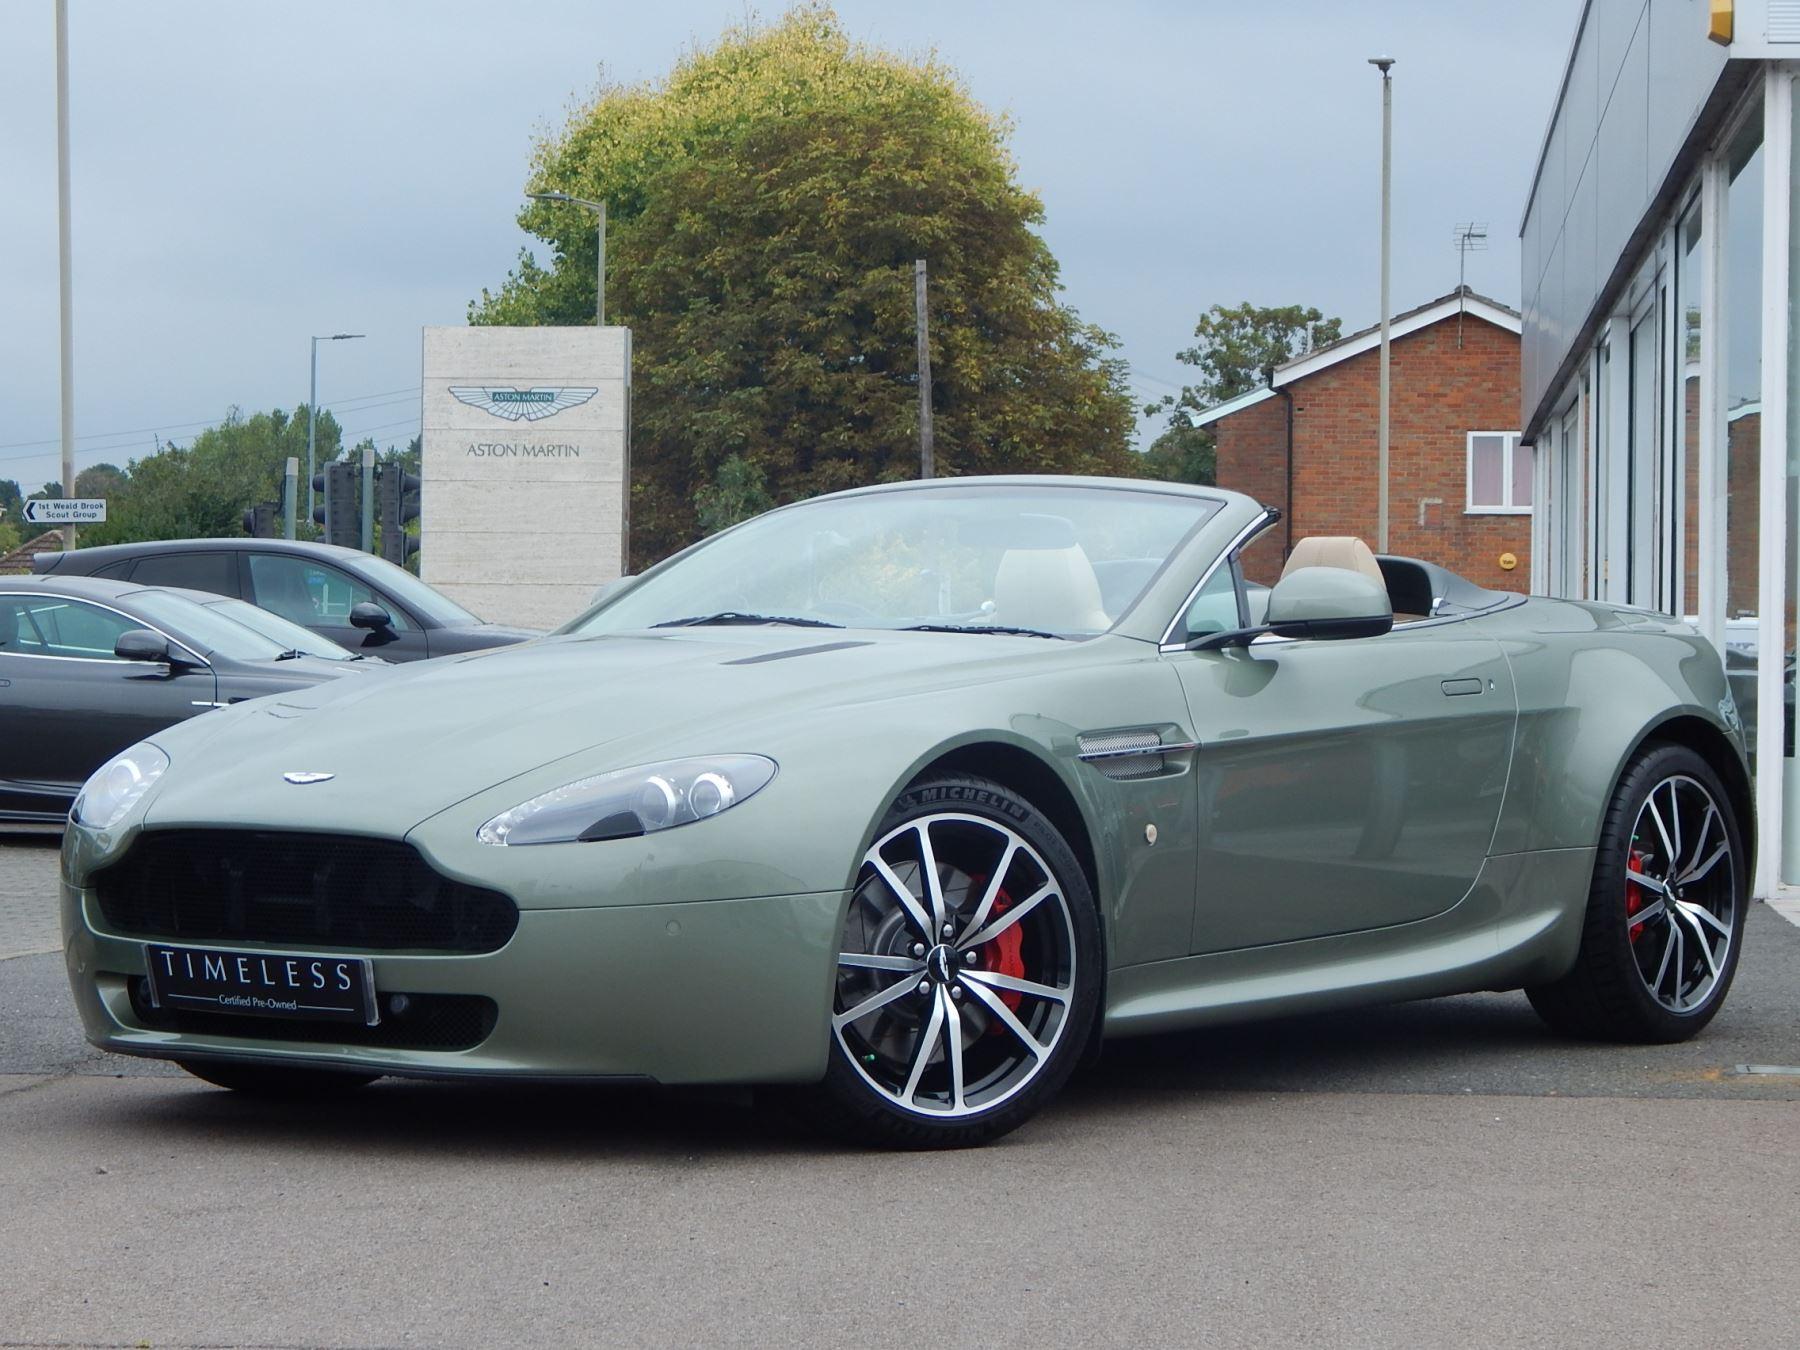 Aston Martin V8 Vantage Roadster 2dr Sportshift [420] 4.7 Automatic Roadster (2010) image